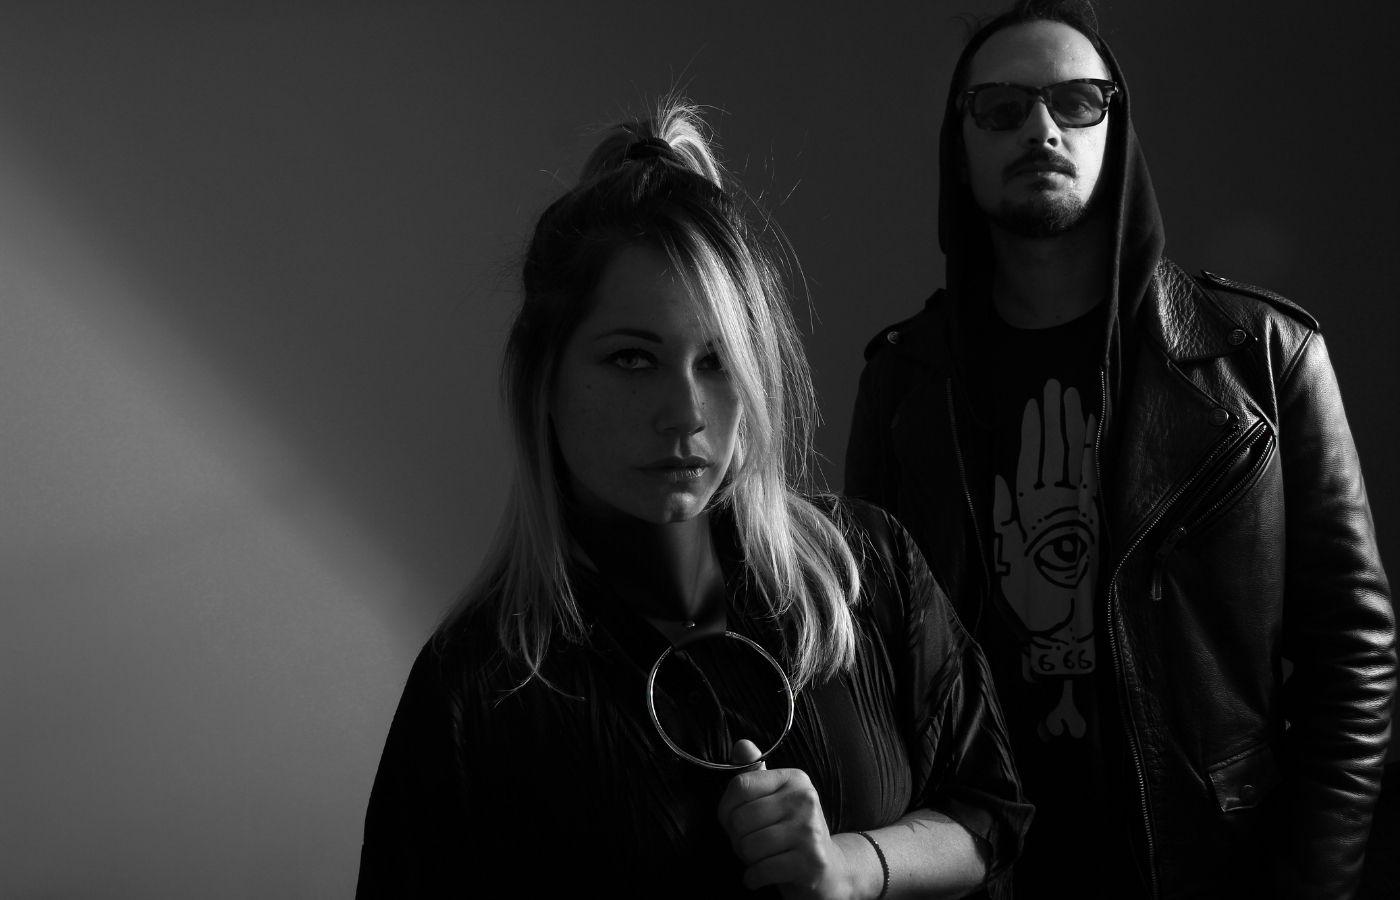 El dúo vanguardista Bimol aporta su sonido único a Kontra con colaboraciones junto a Jauri y Confidential Recipe